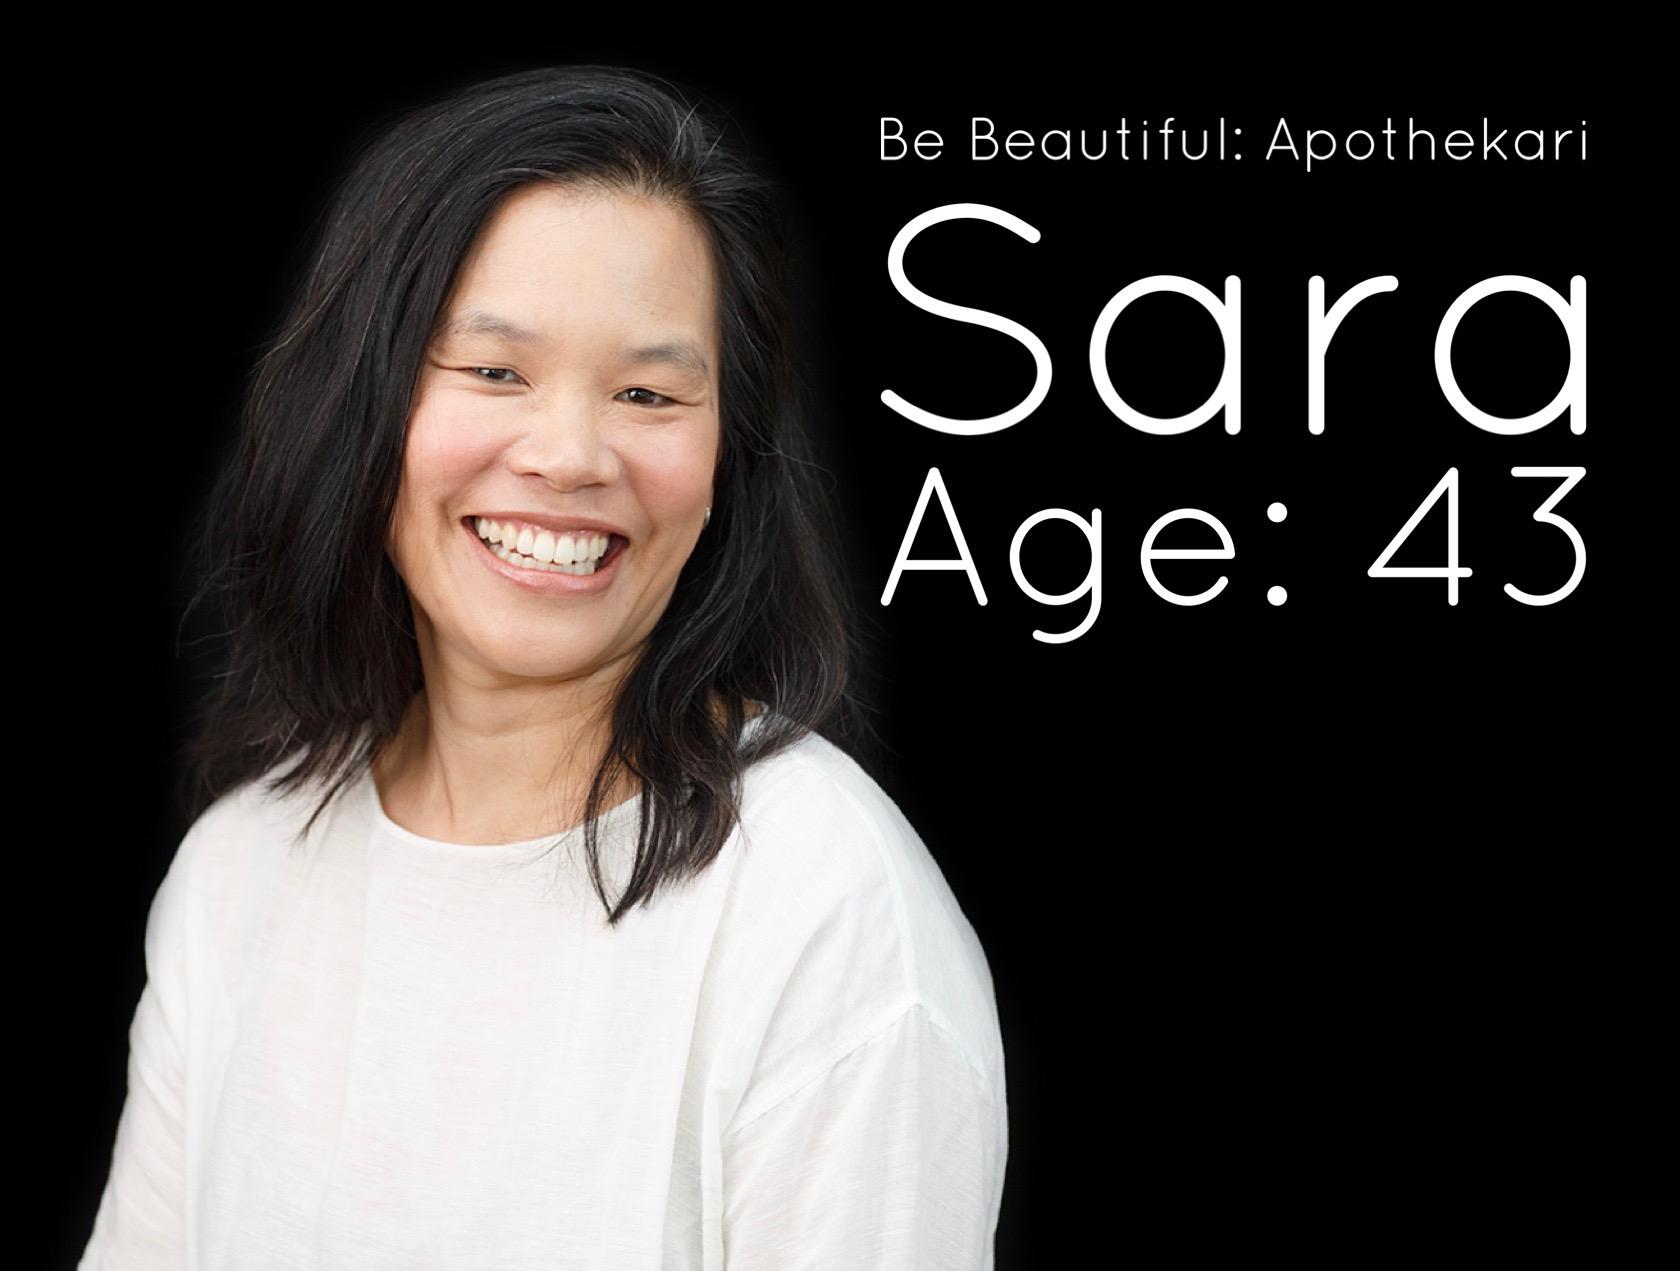 Be Beautiful Apothekari Sara 2